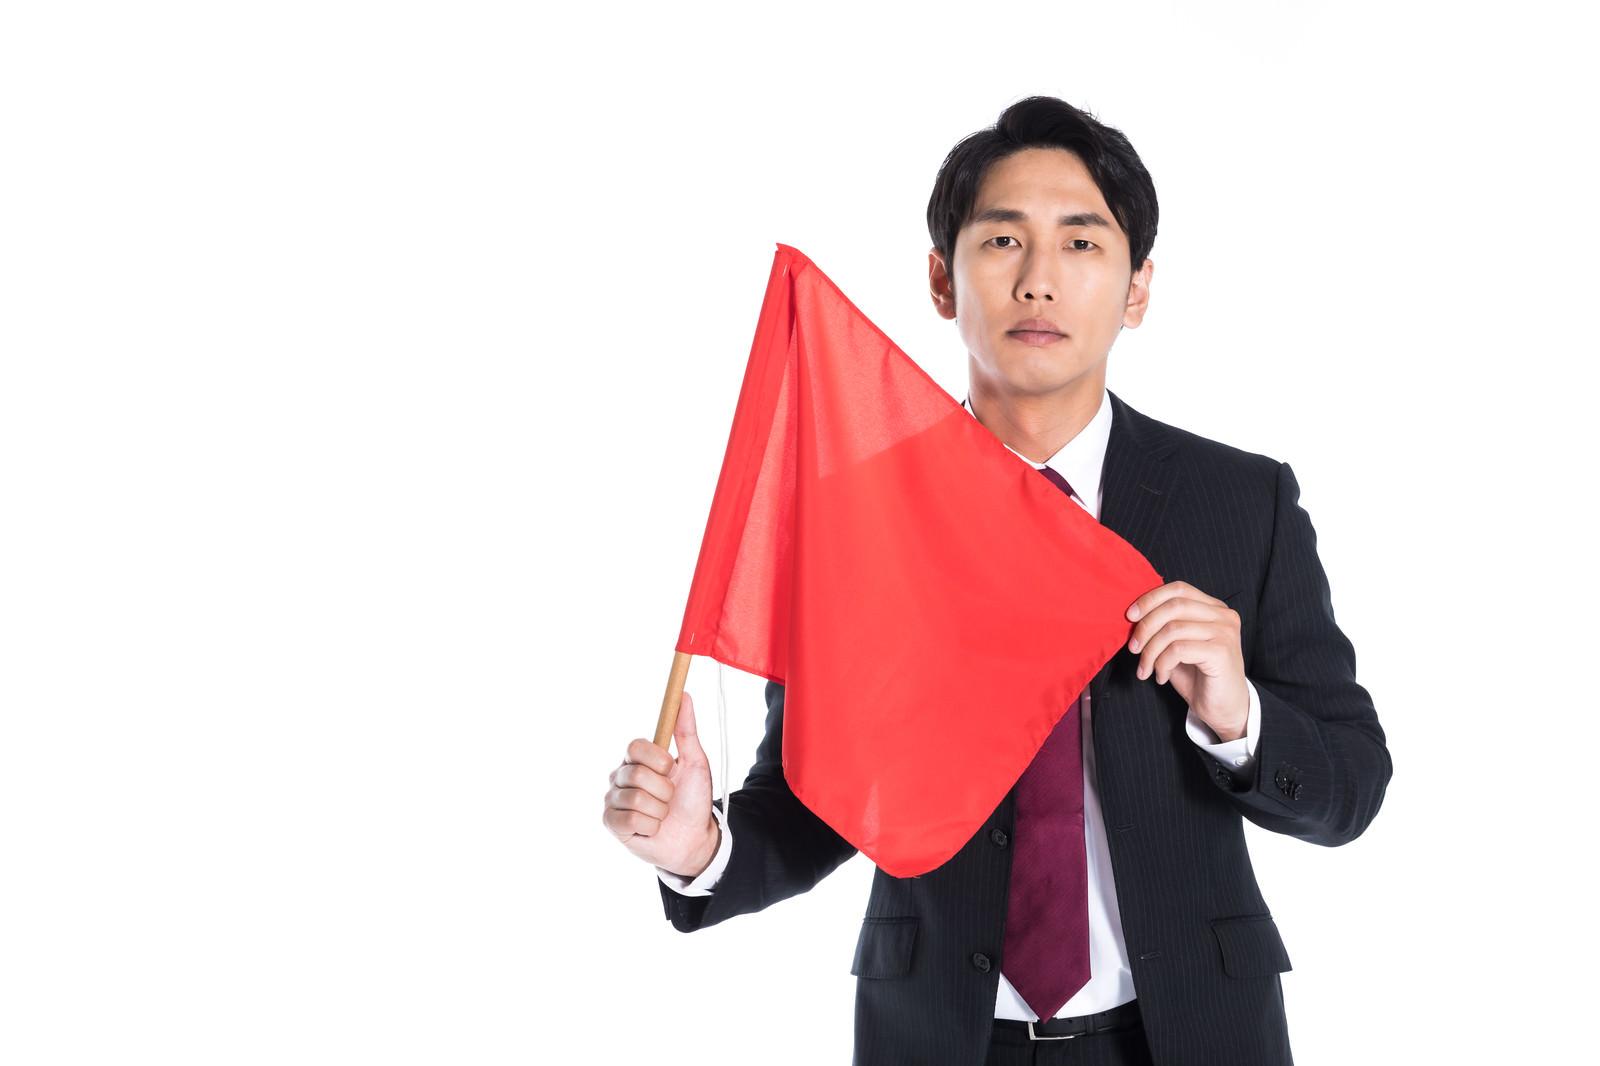 「赤い手旗をもち危険を知らせる会社員」の写真[モデル:大川竜弥]